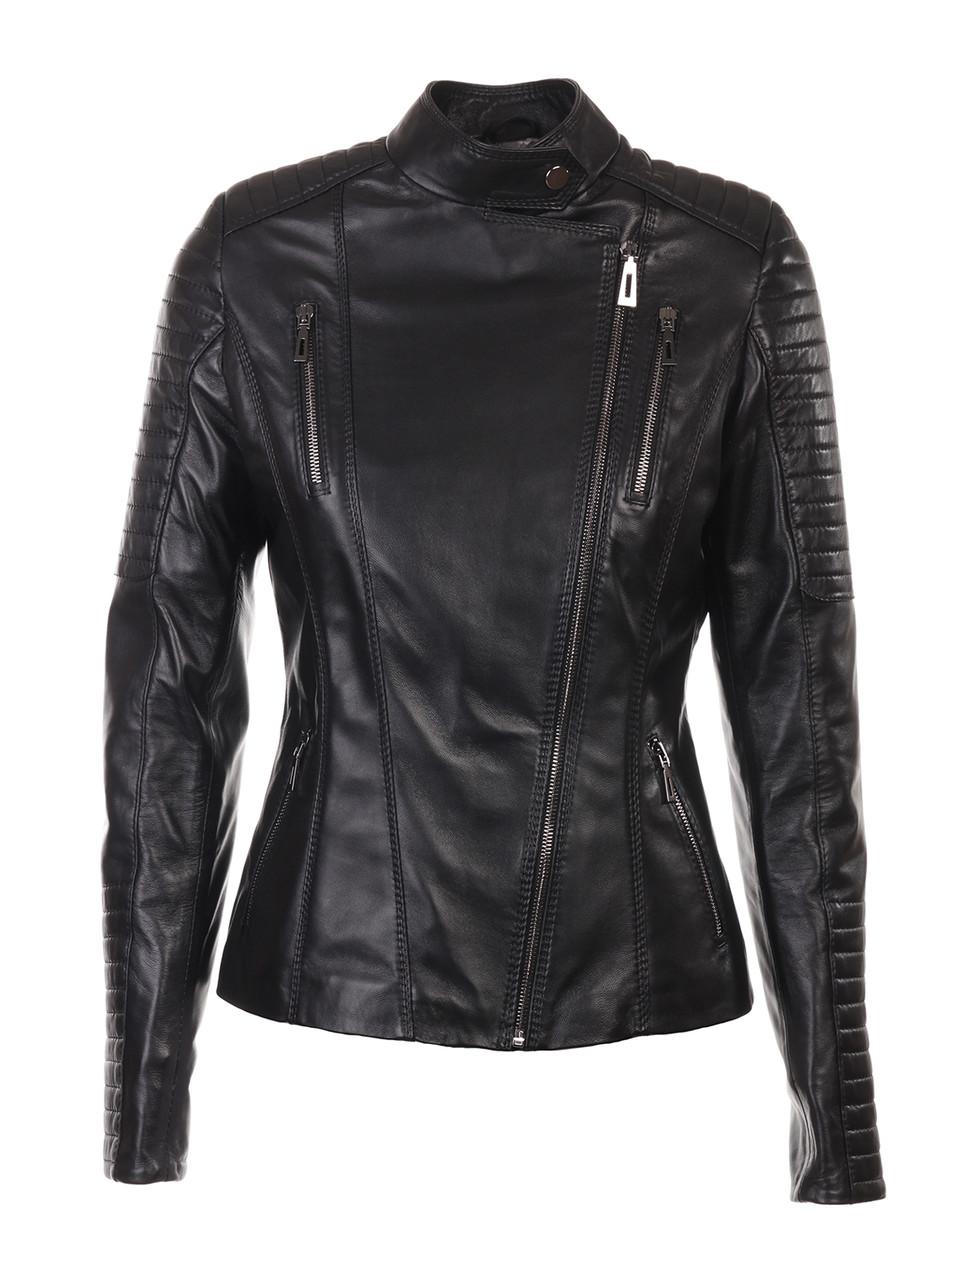 Куртка кожаная косуха VK черная короткая (Арт. FLR201)